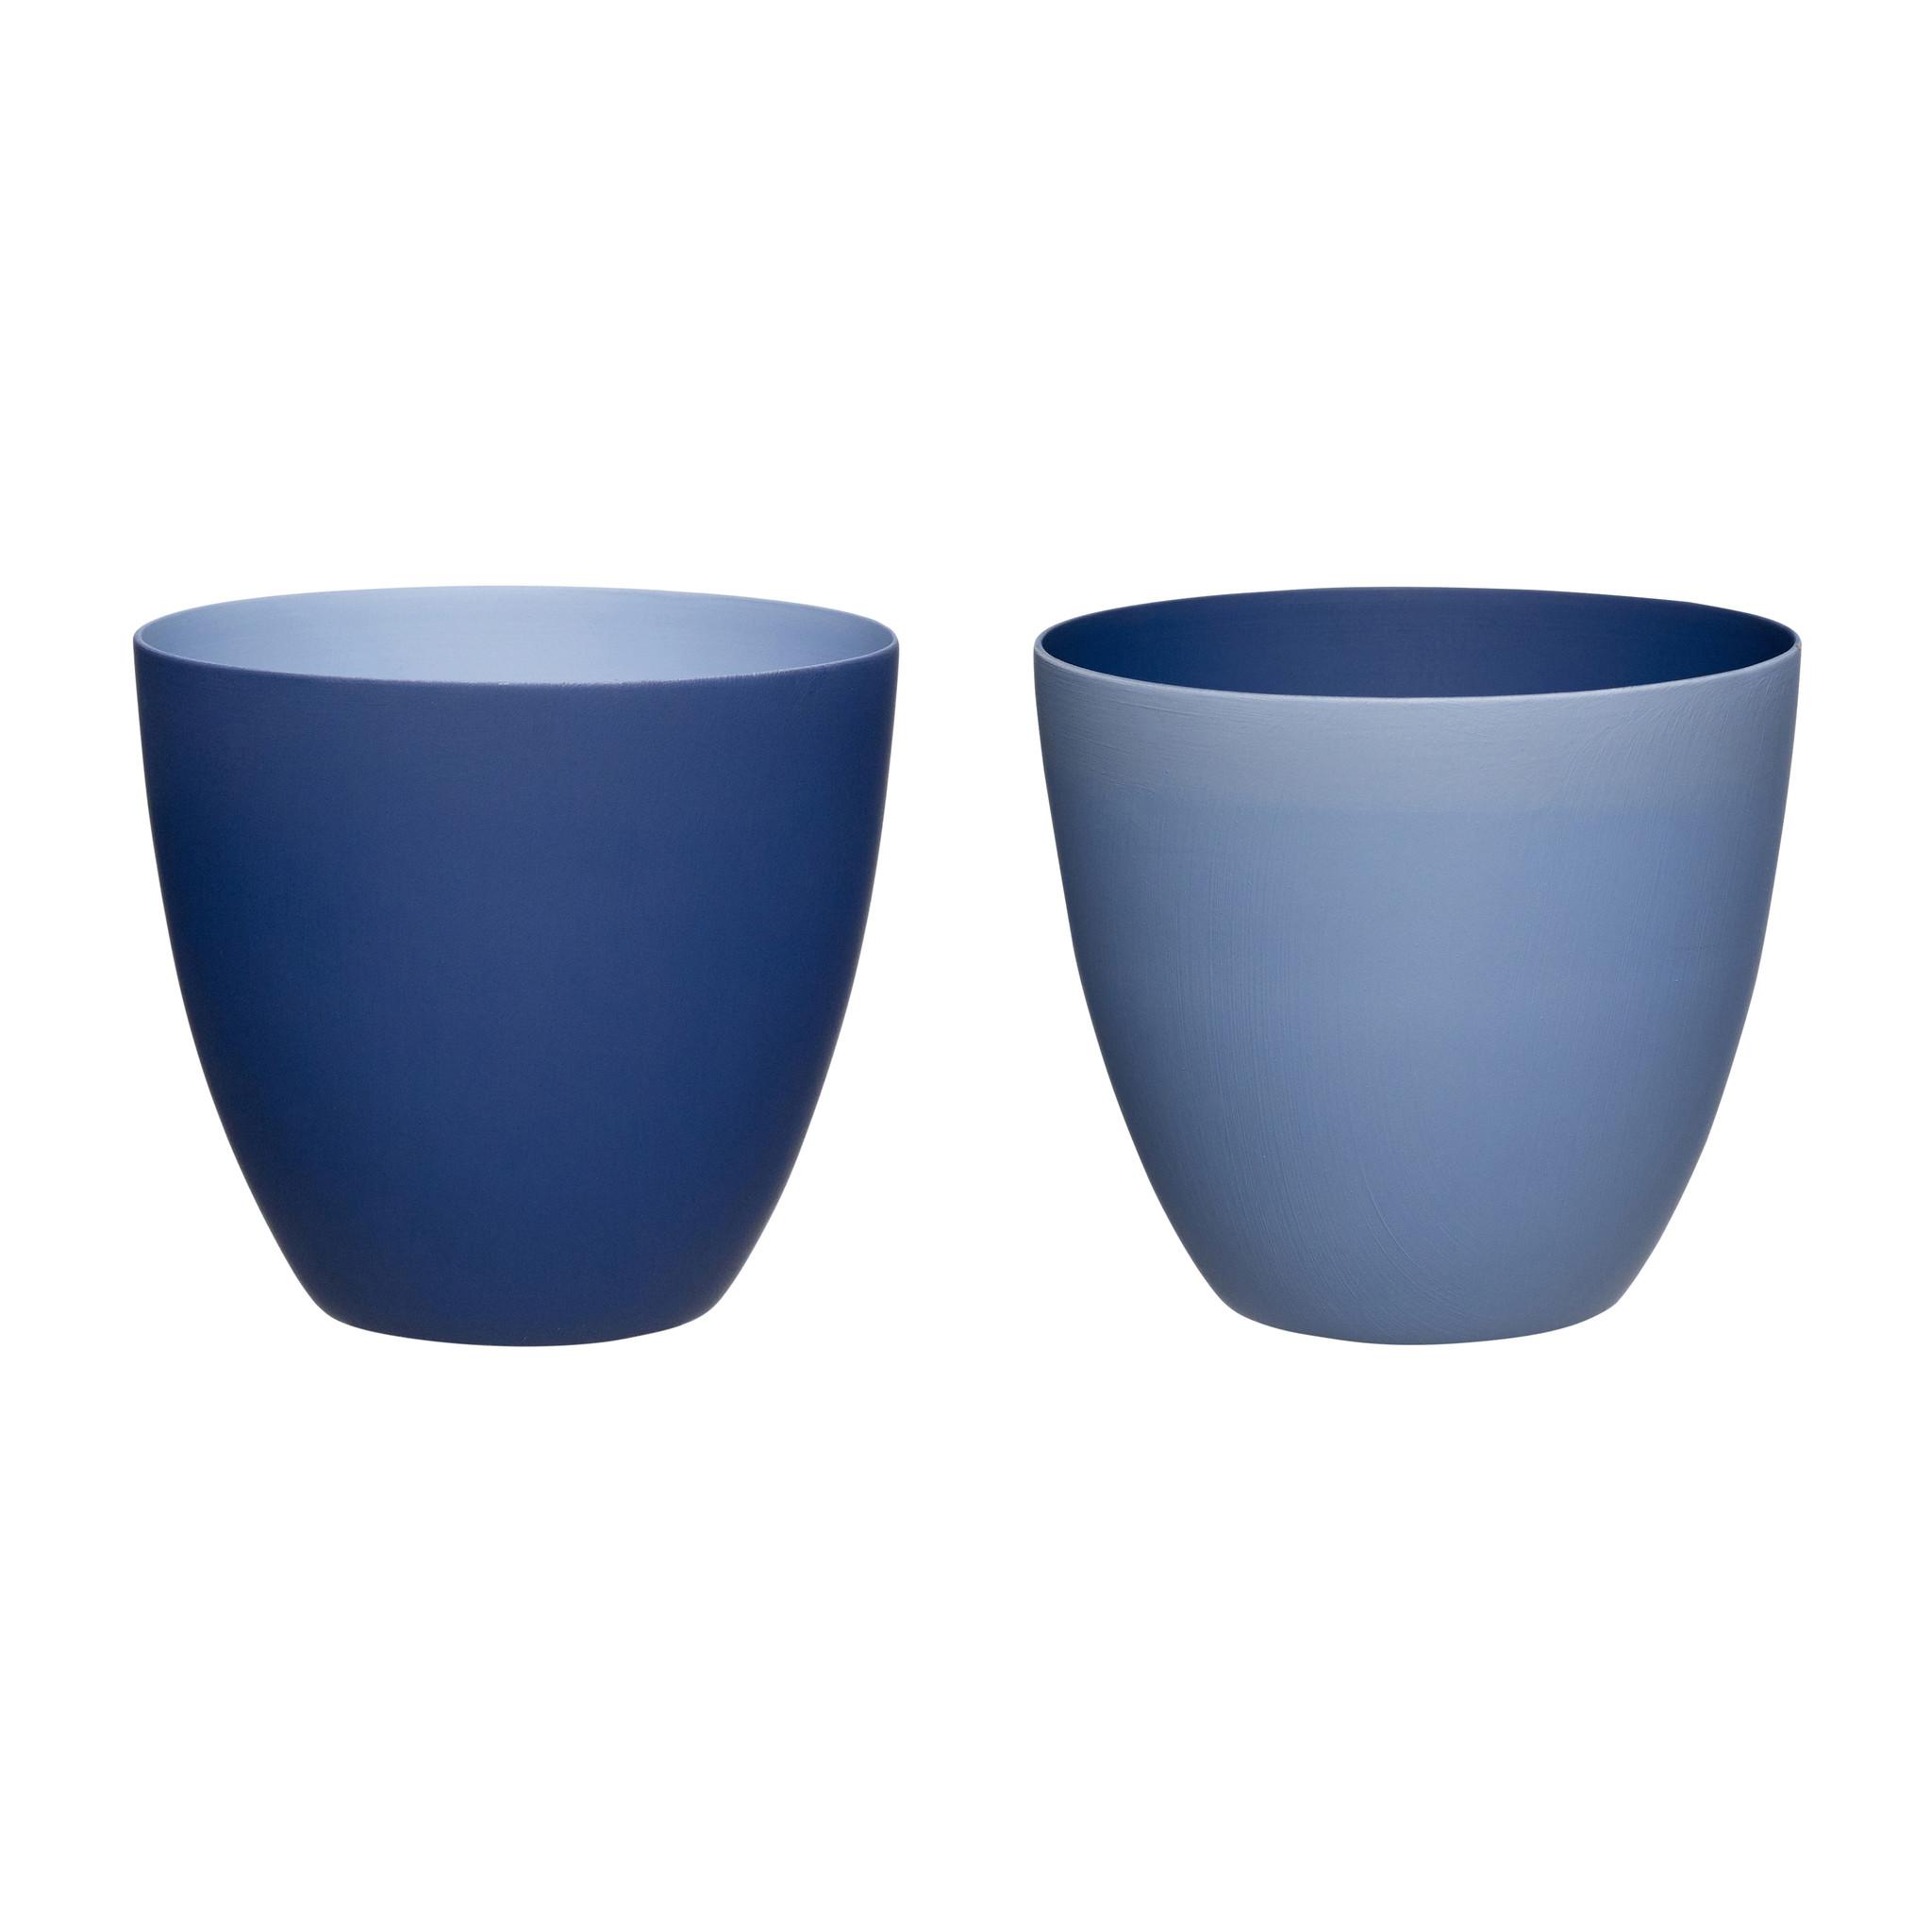 Hubsch Theelichthouder, porselein, blauw, set van 2